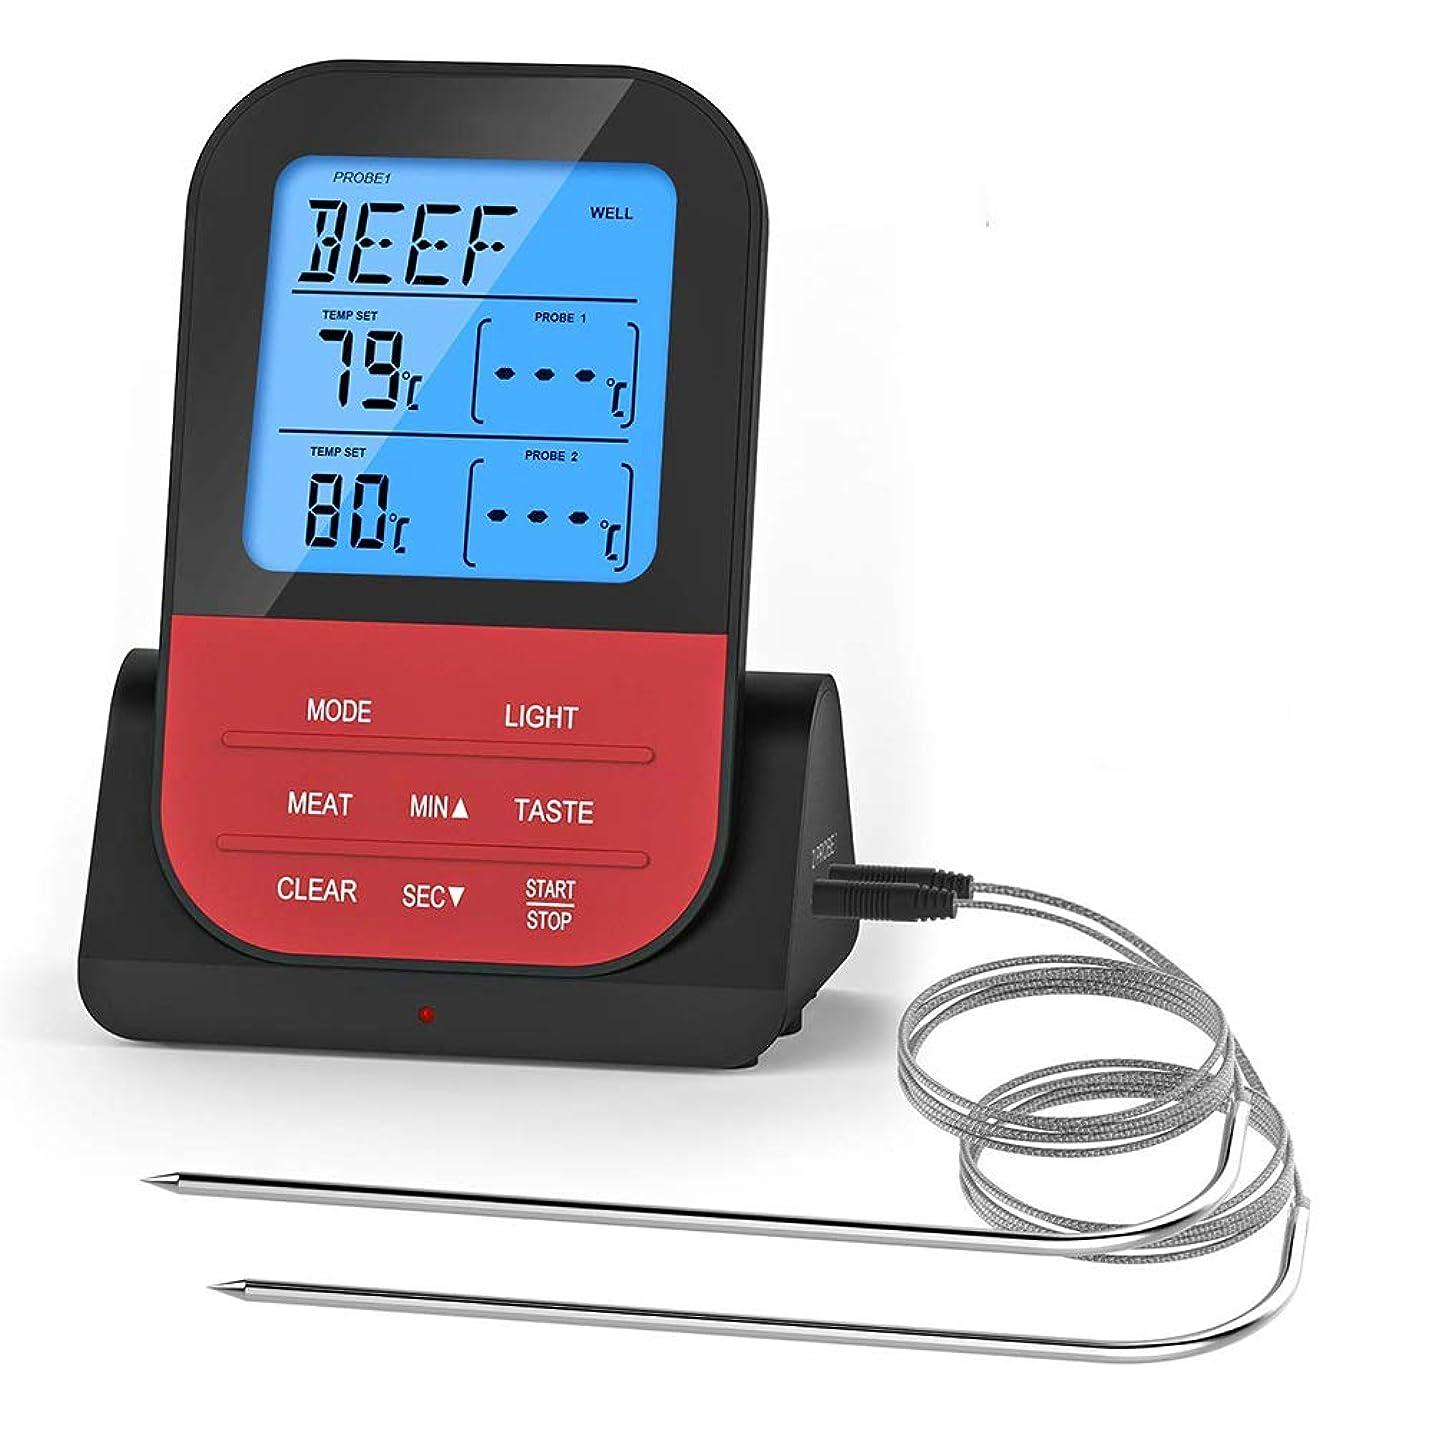 安心させる死役割喫煙グリルオーブンプリセット温度遠いコントロールインスタント読む温度計のために肉温度計、双対プローブを調理ワイヤレスリモートキッチンは、アウェイ260フィートから食品を監視します